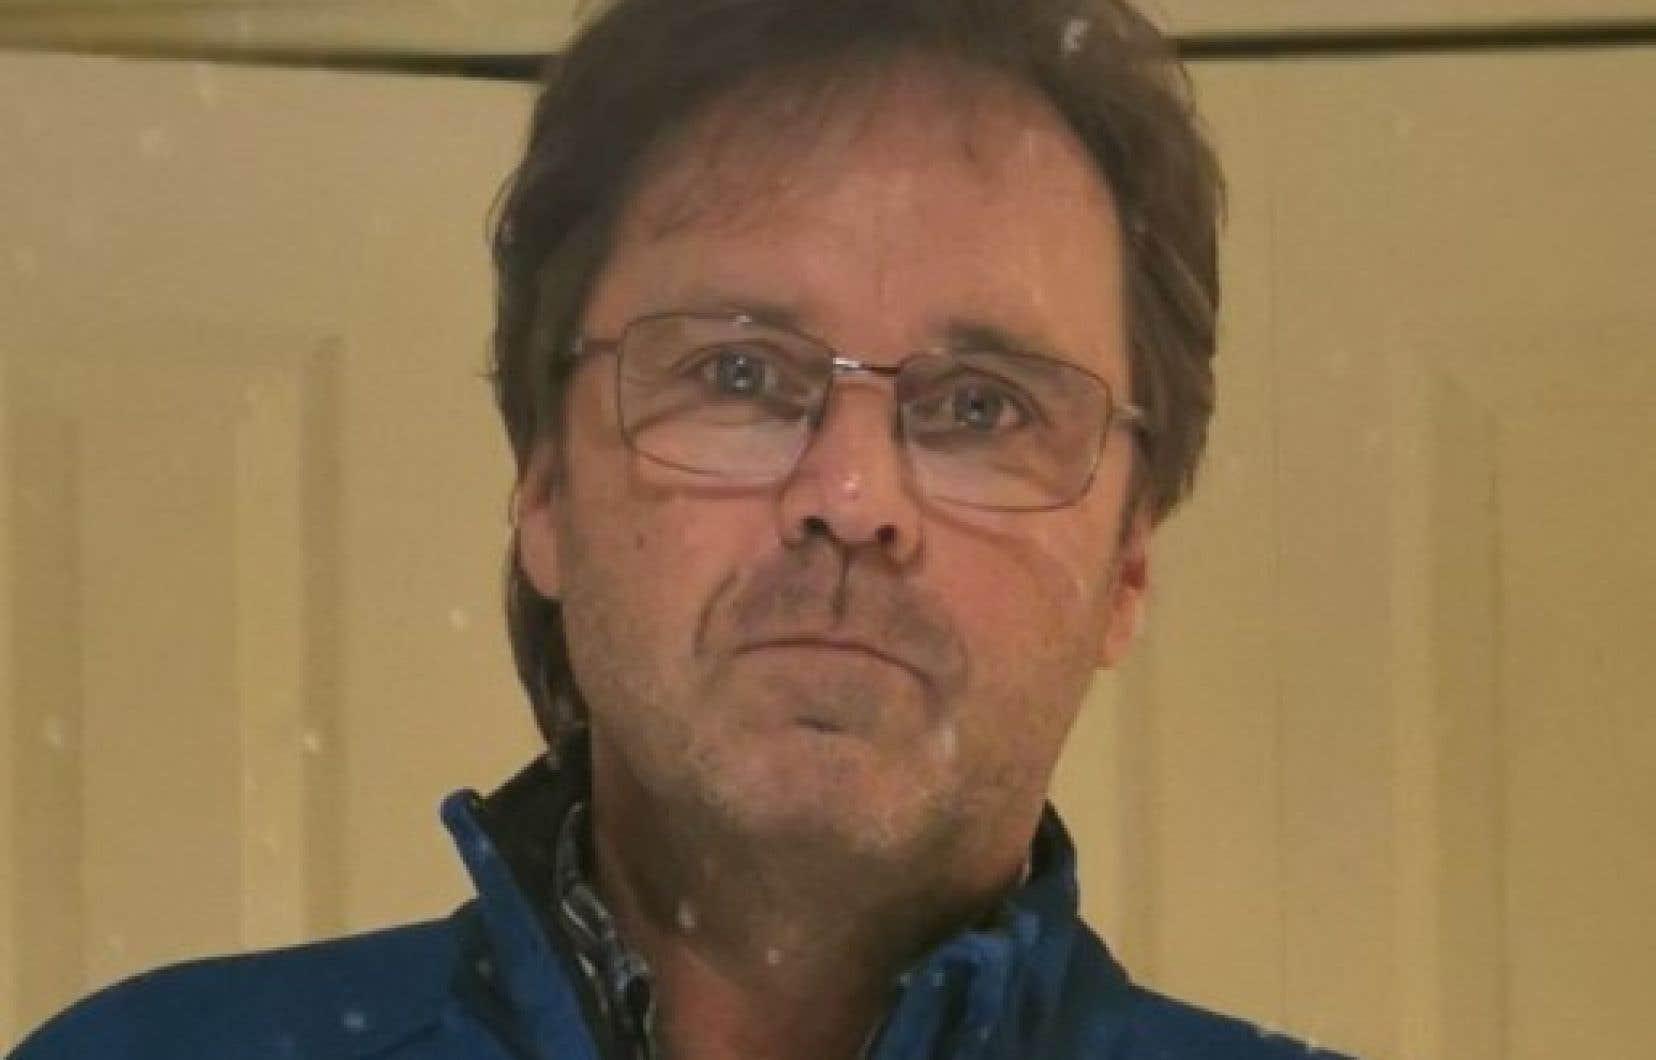 La SQ a précisé que c'est la seconde fois que Pierre Boies est arrêté concernant des délits à caractère sexuel.